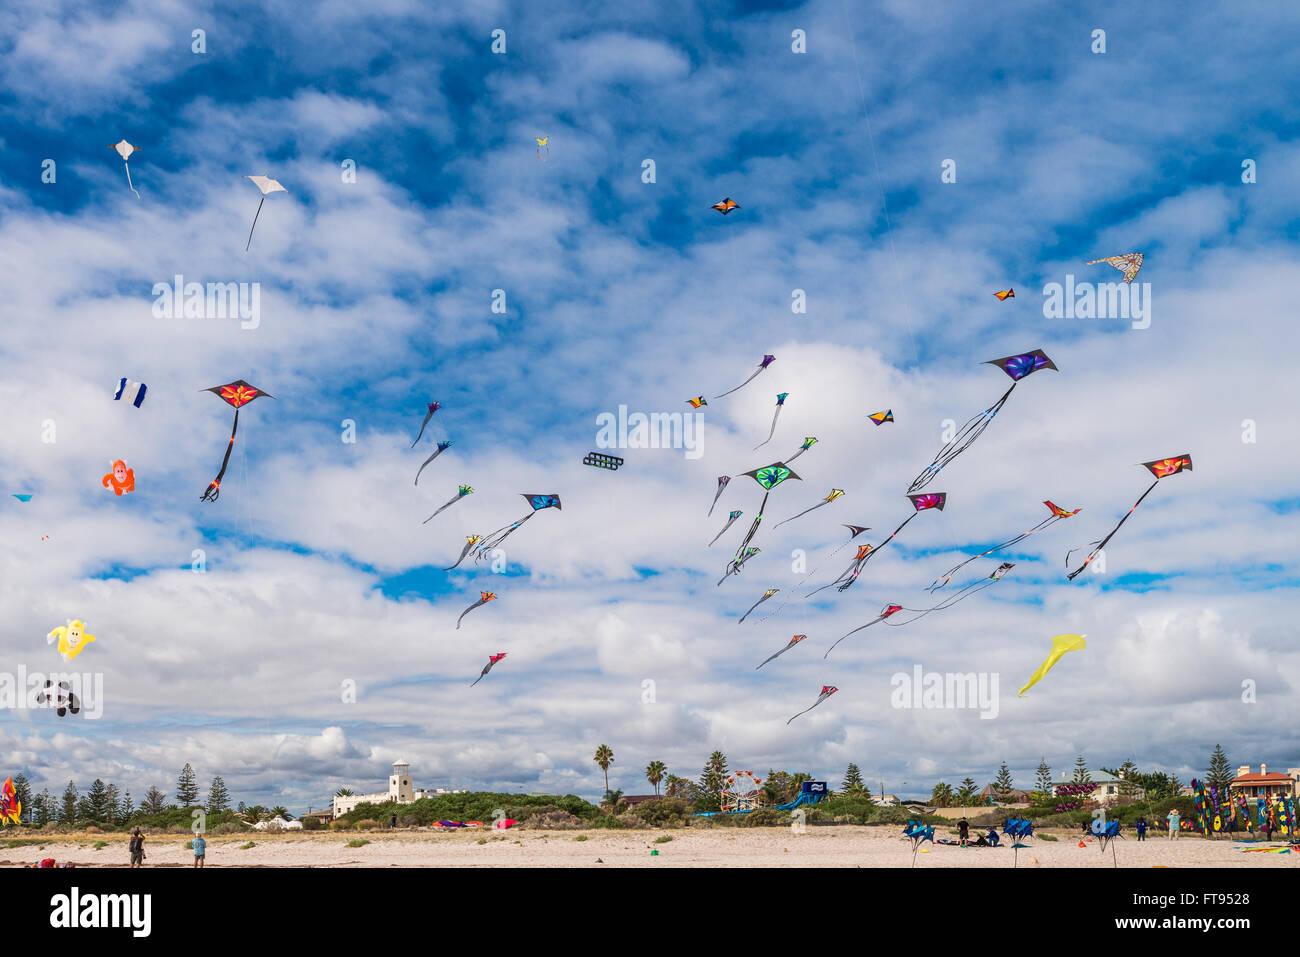 Adelaide, Australia - March 26, 2016: Adelaide International Kite Festival at Semaphore Beach. 2016 Festival iinternational - Stock Image